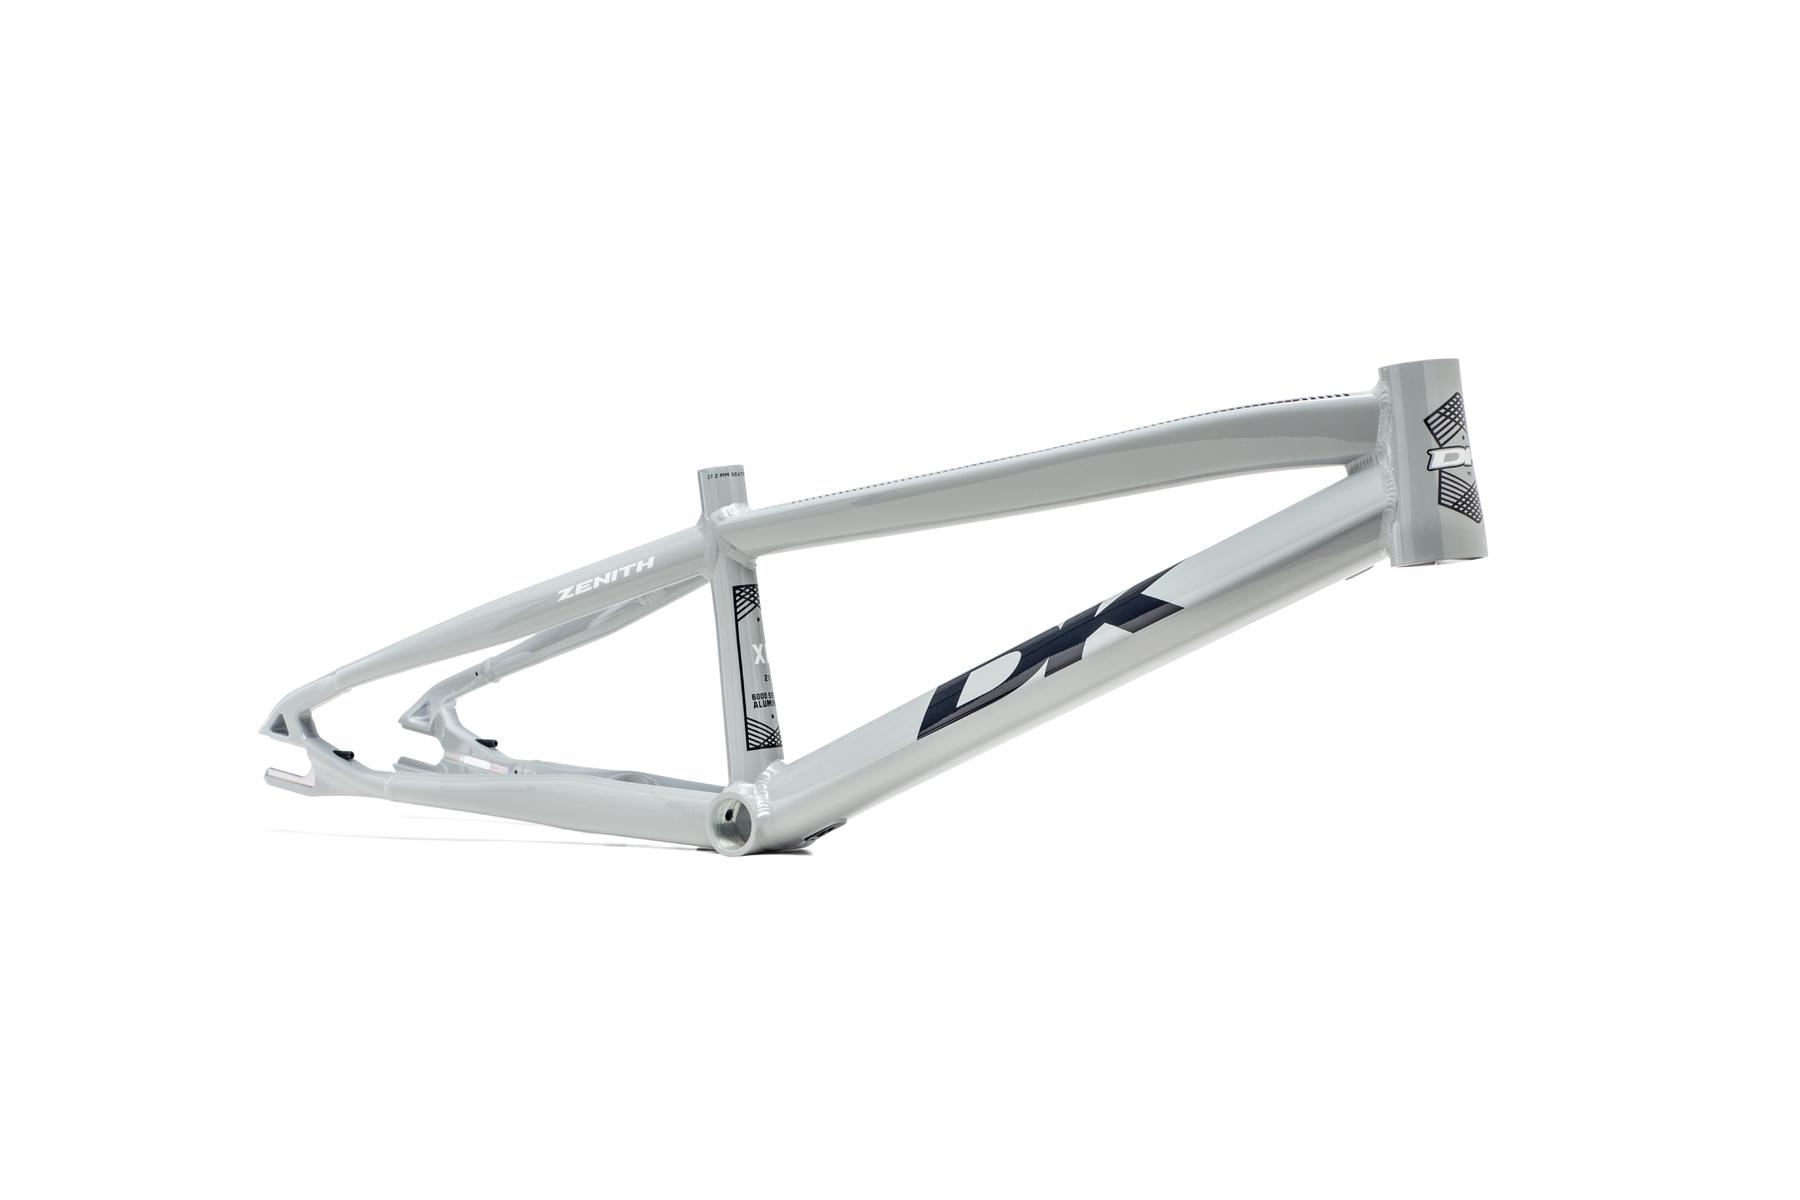 Zenith-Frame-3qtr_1800x1800